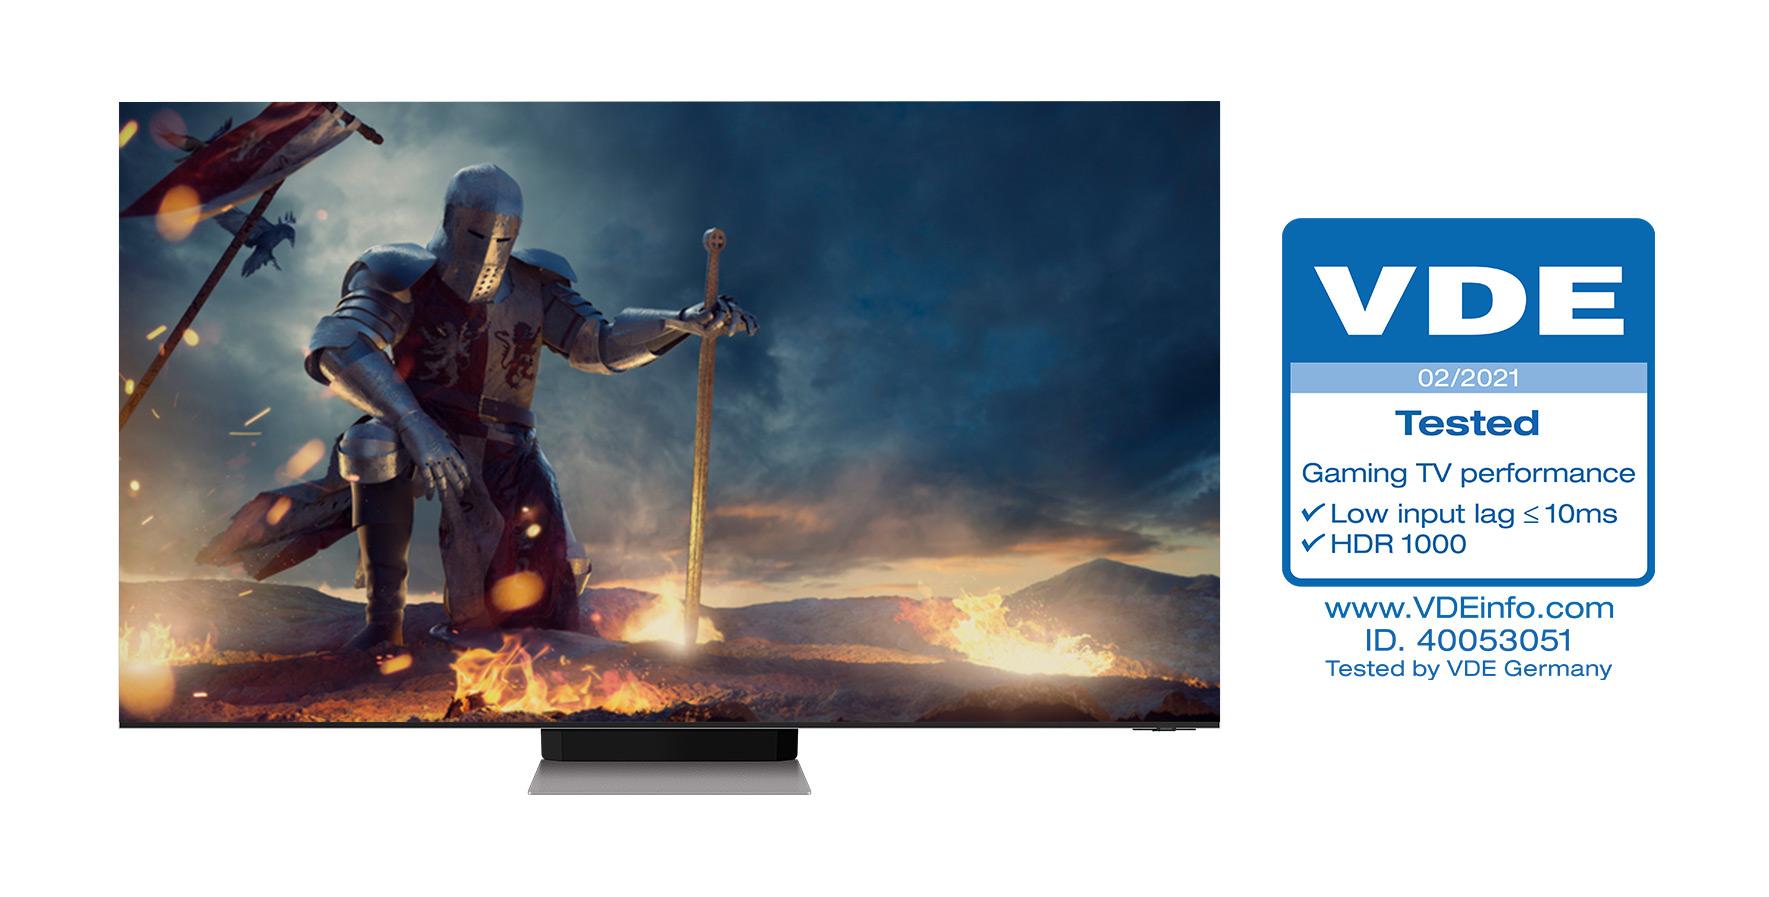 telewizor Samsung Neo QLED z certyfikatem VDE